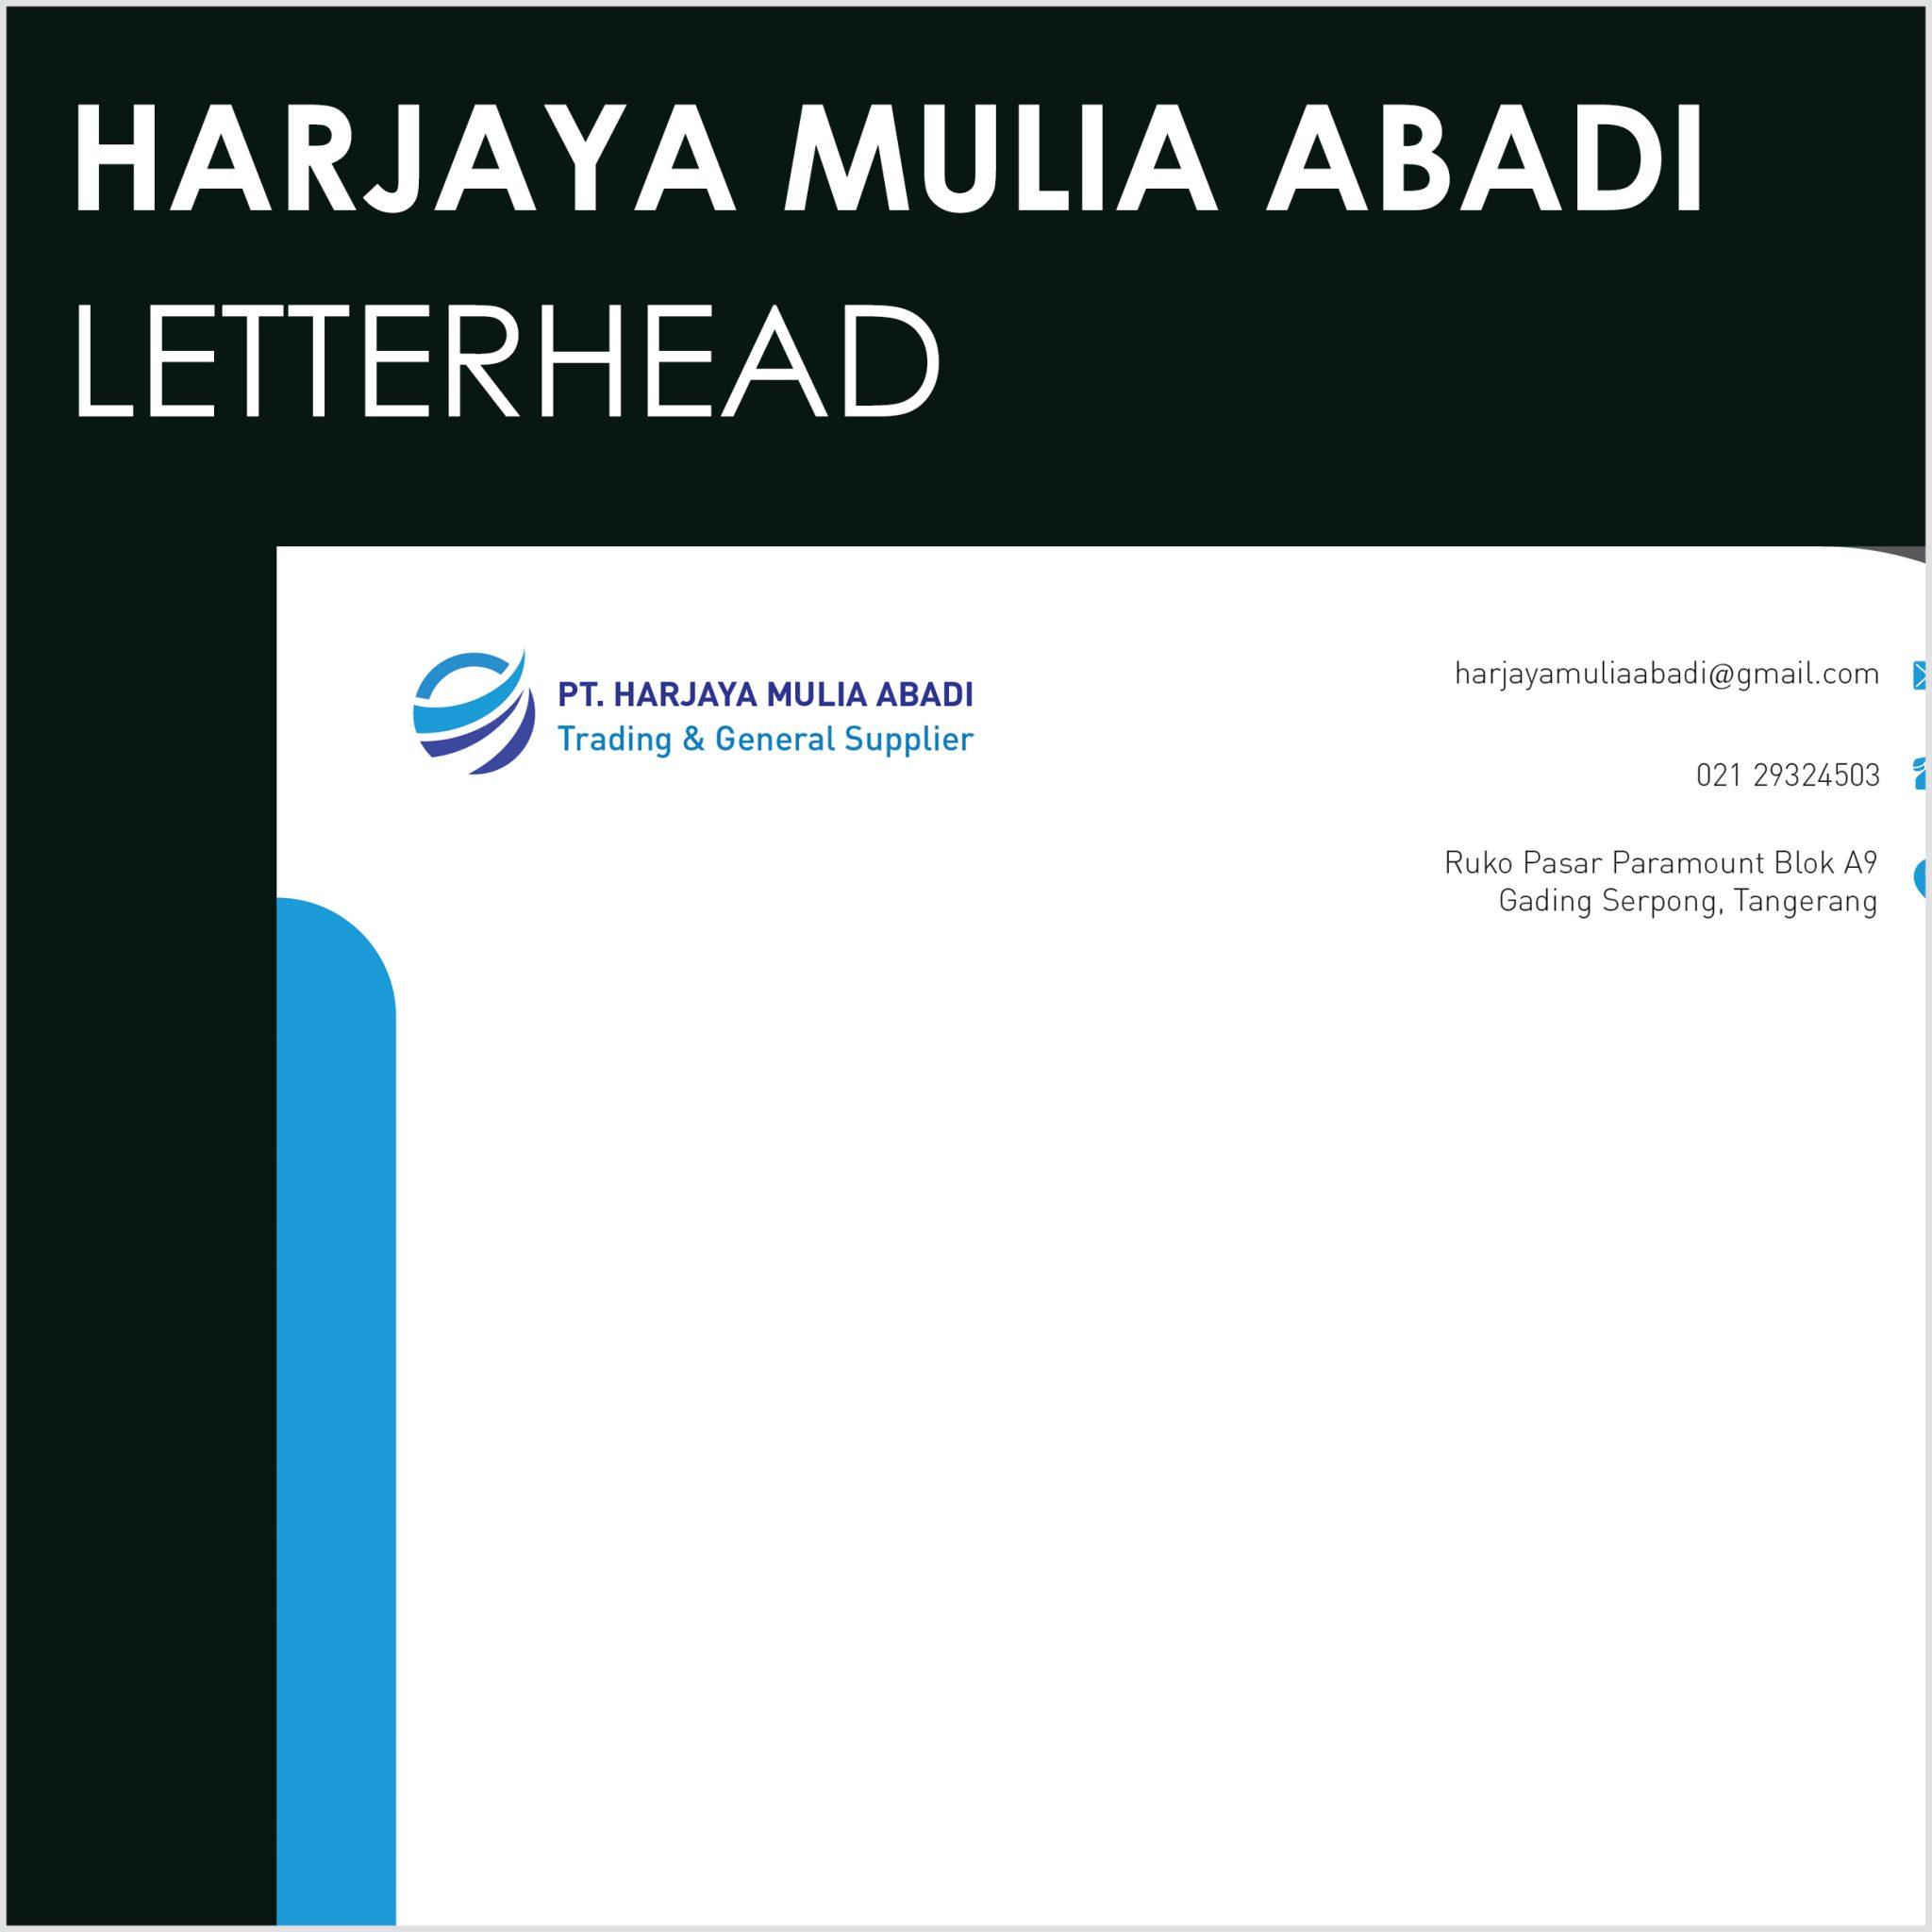 Harjaya Mulia Abadi Letterhead